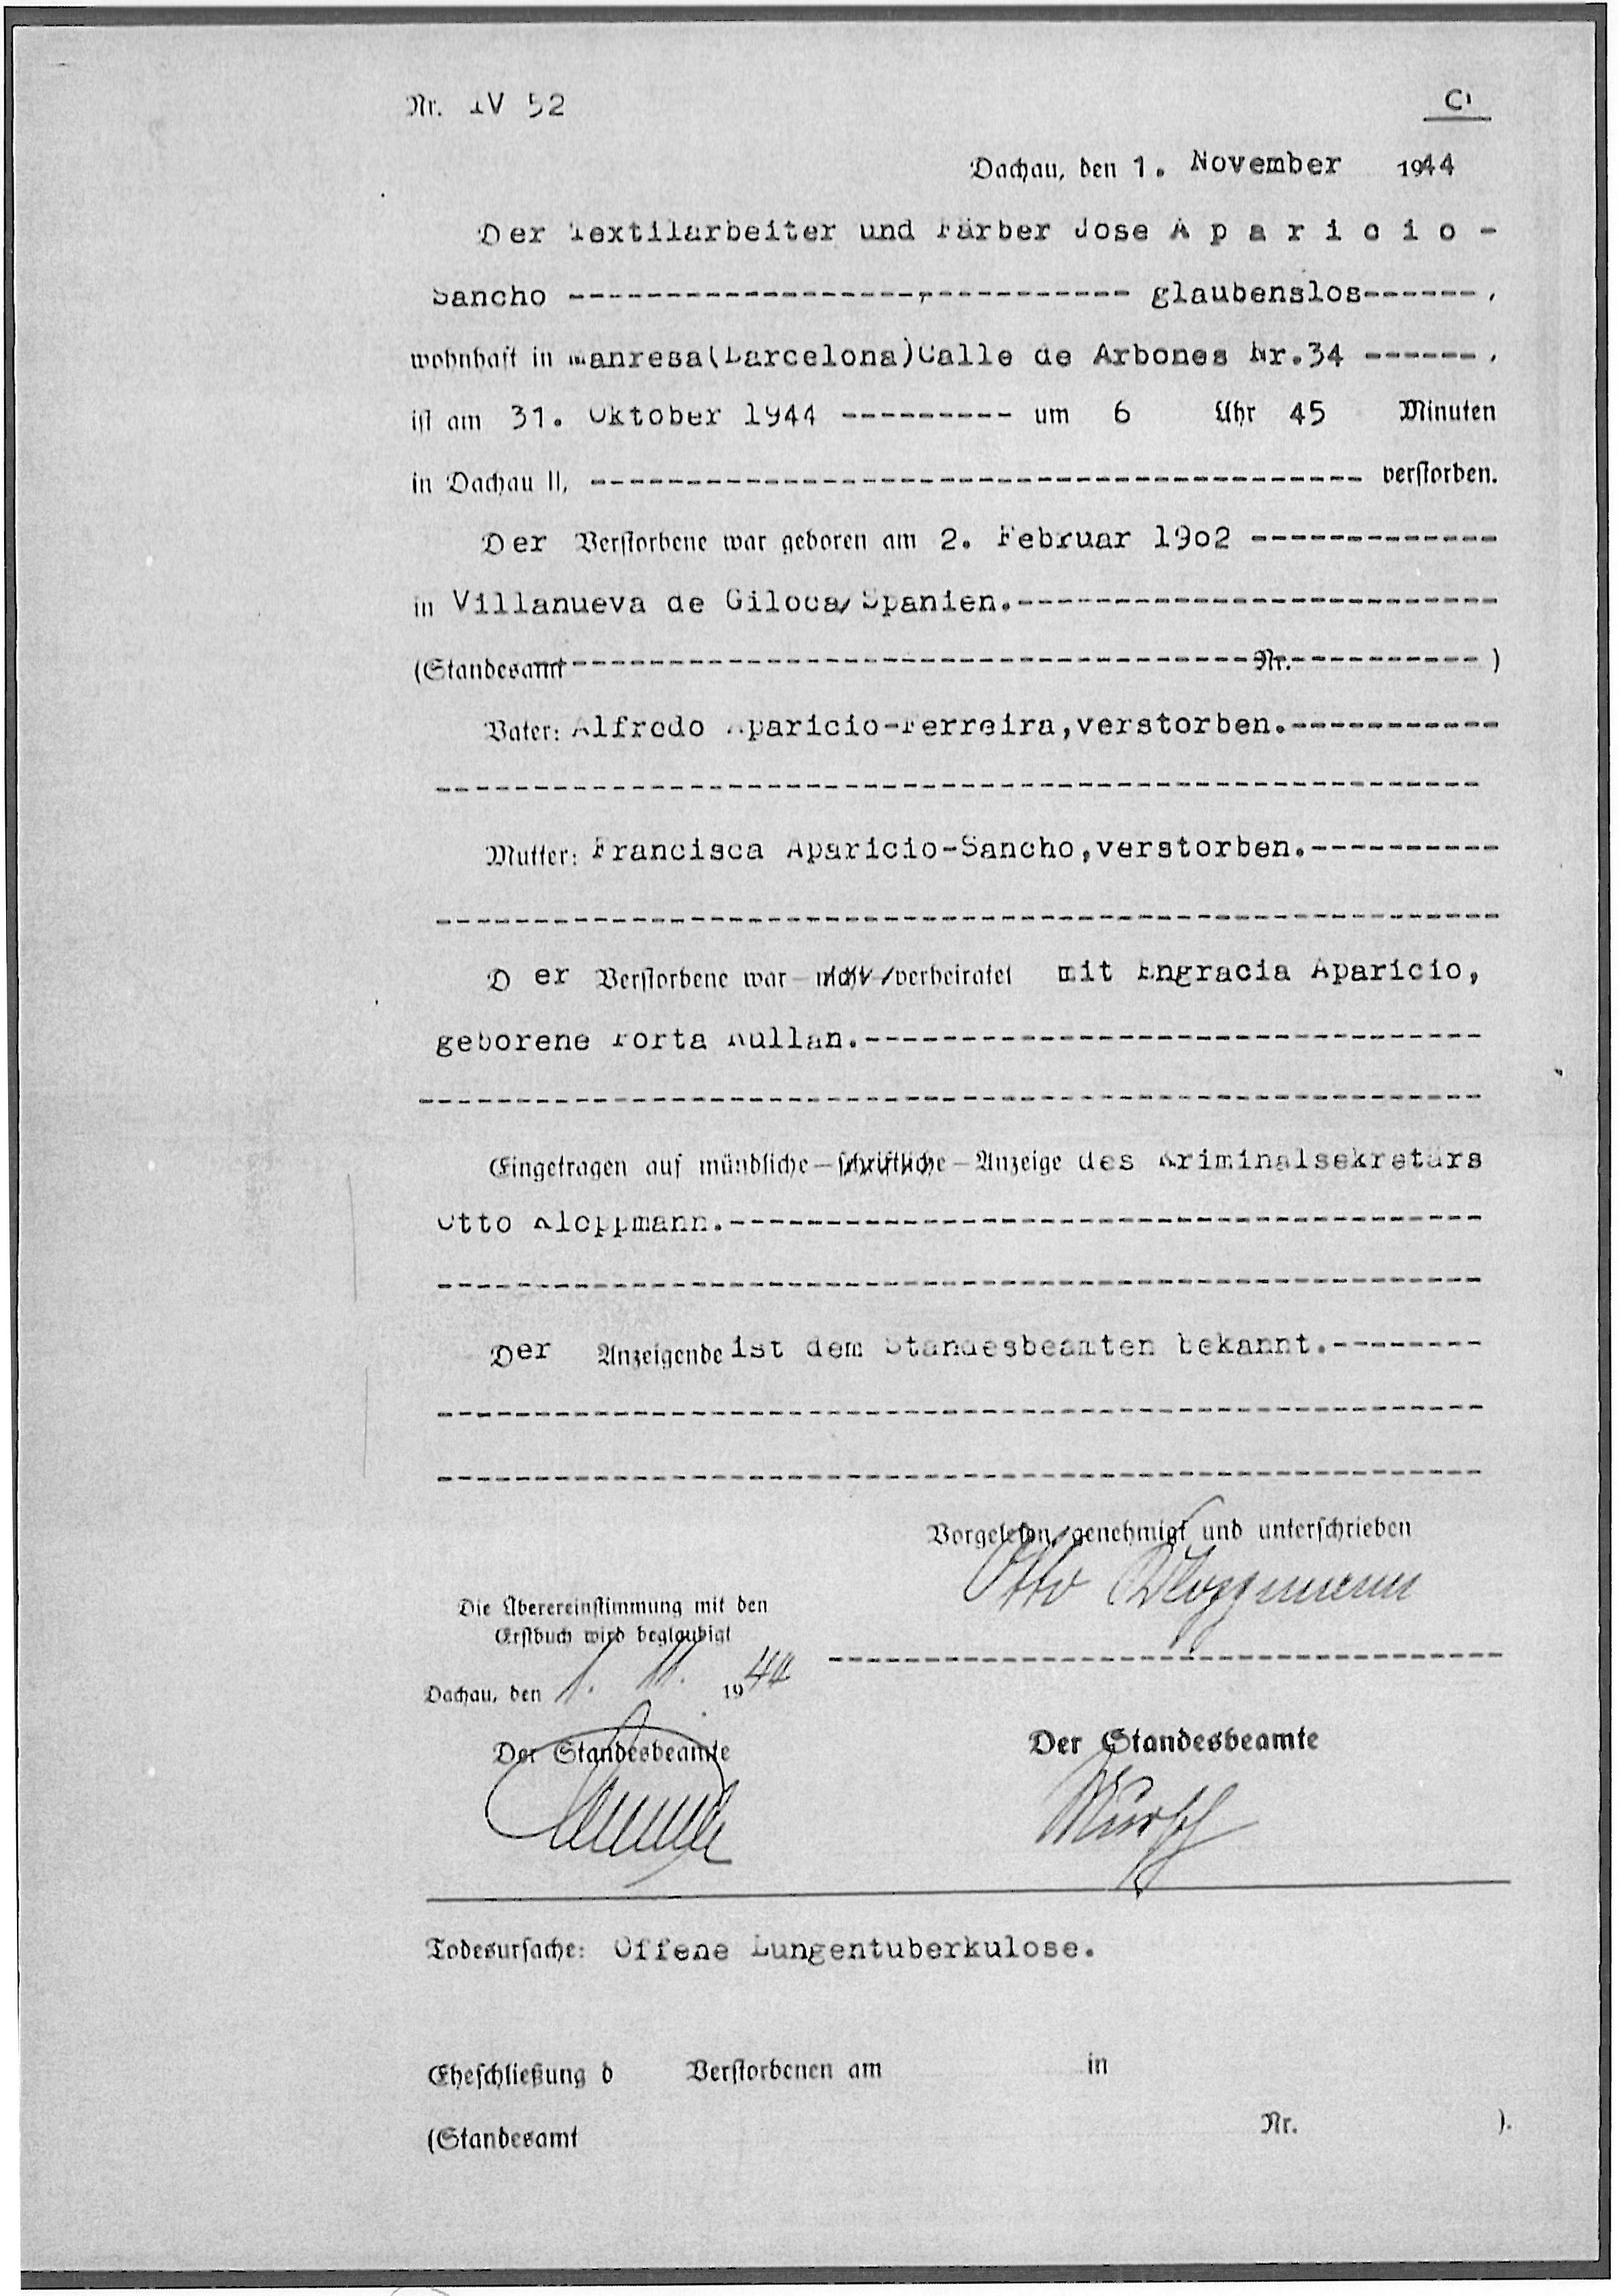 Anotacions mèdiques a partir de les radiografies fetes a Josep Aparicio, afectat de tuberculosi. (Font: ITS Bad Arolsen)